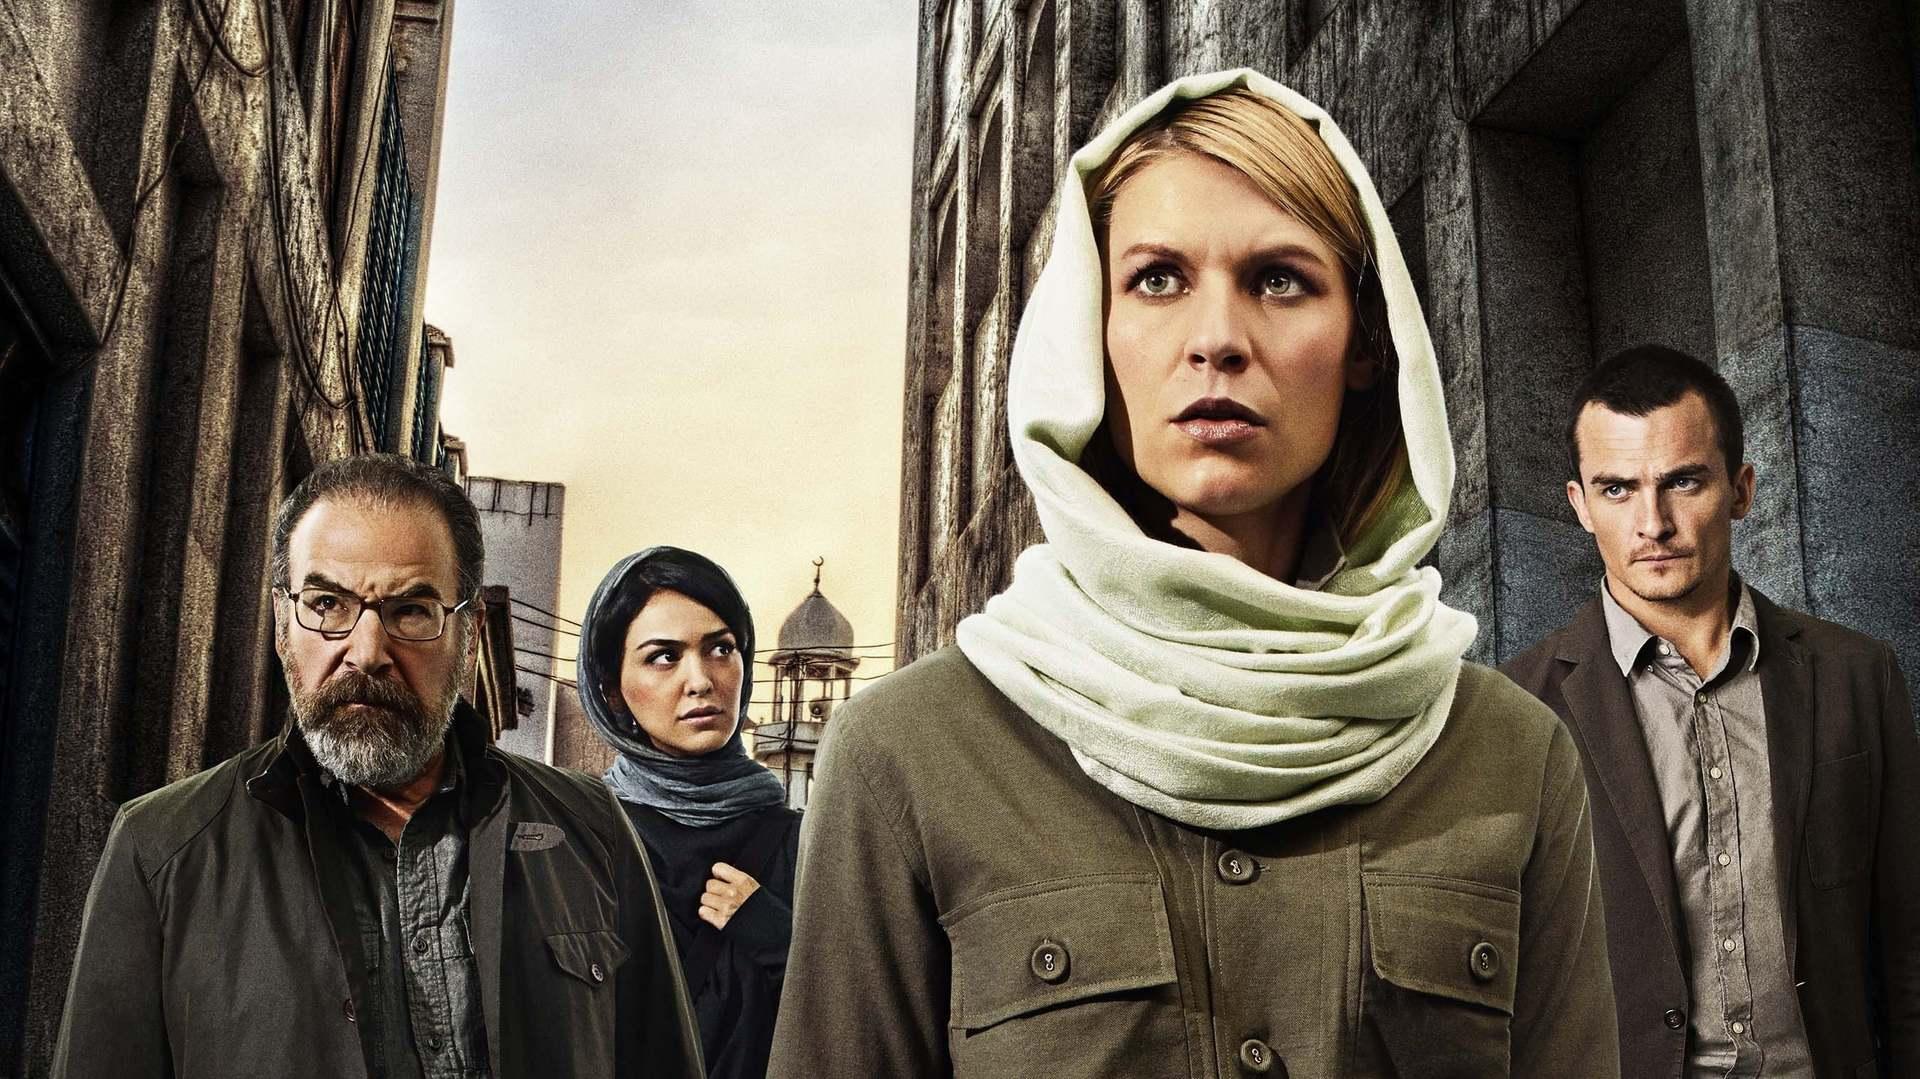 Кадры из фильма Родина Homeland 2011